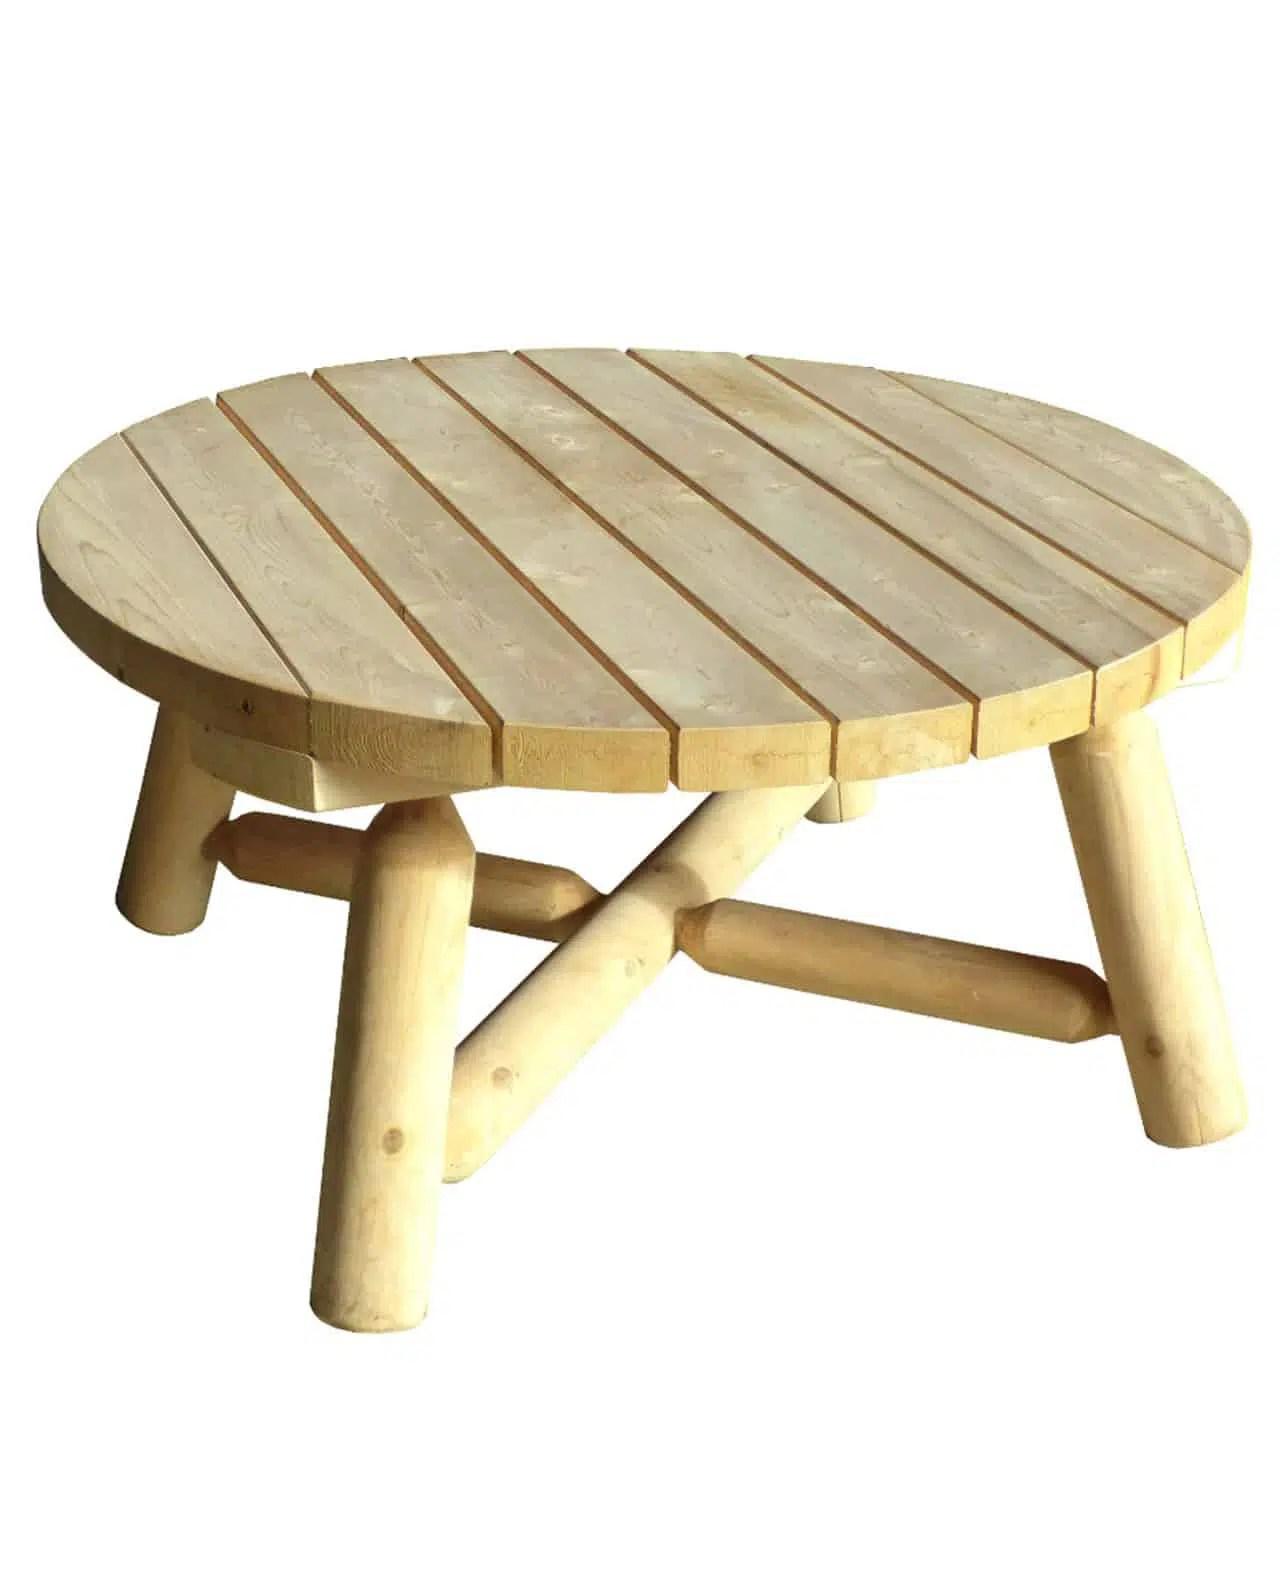 Table Basse de Jardin en bois de cdre blanc  Grand Modle